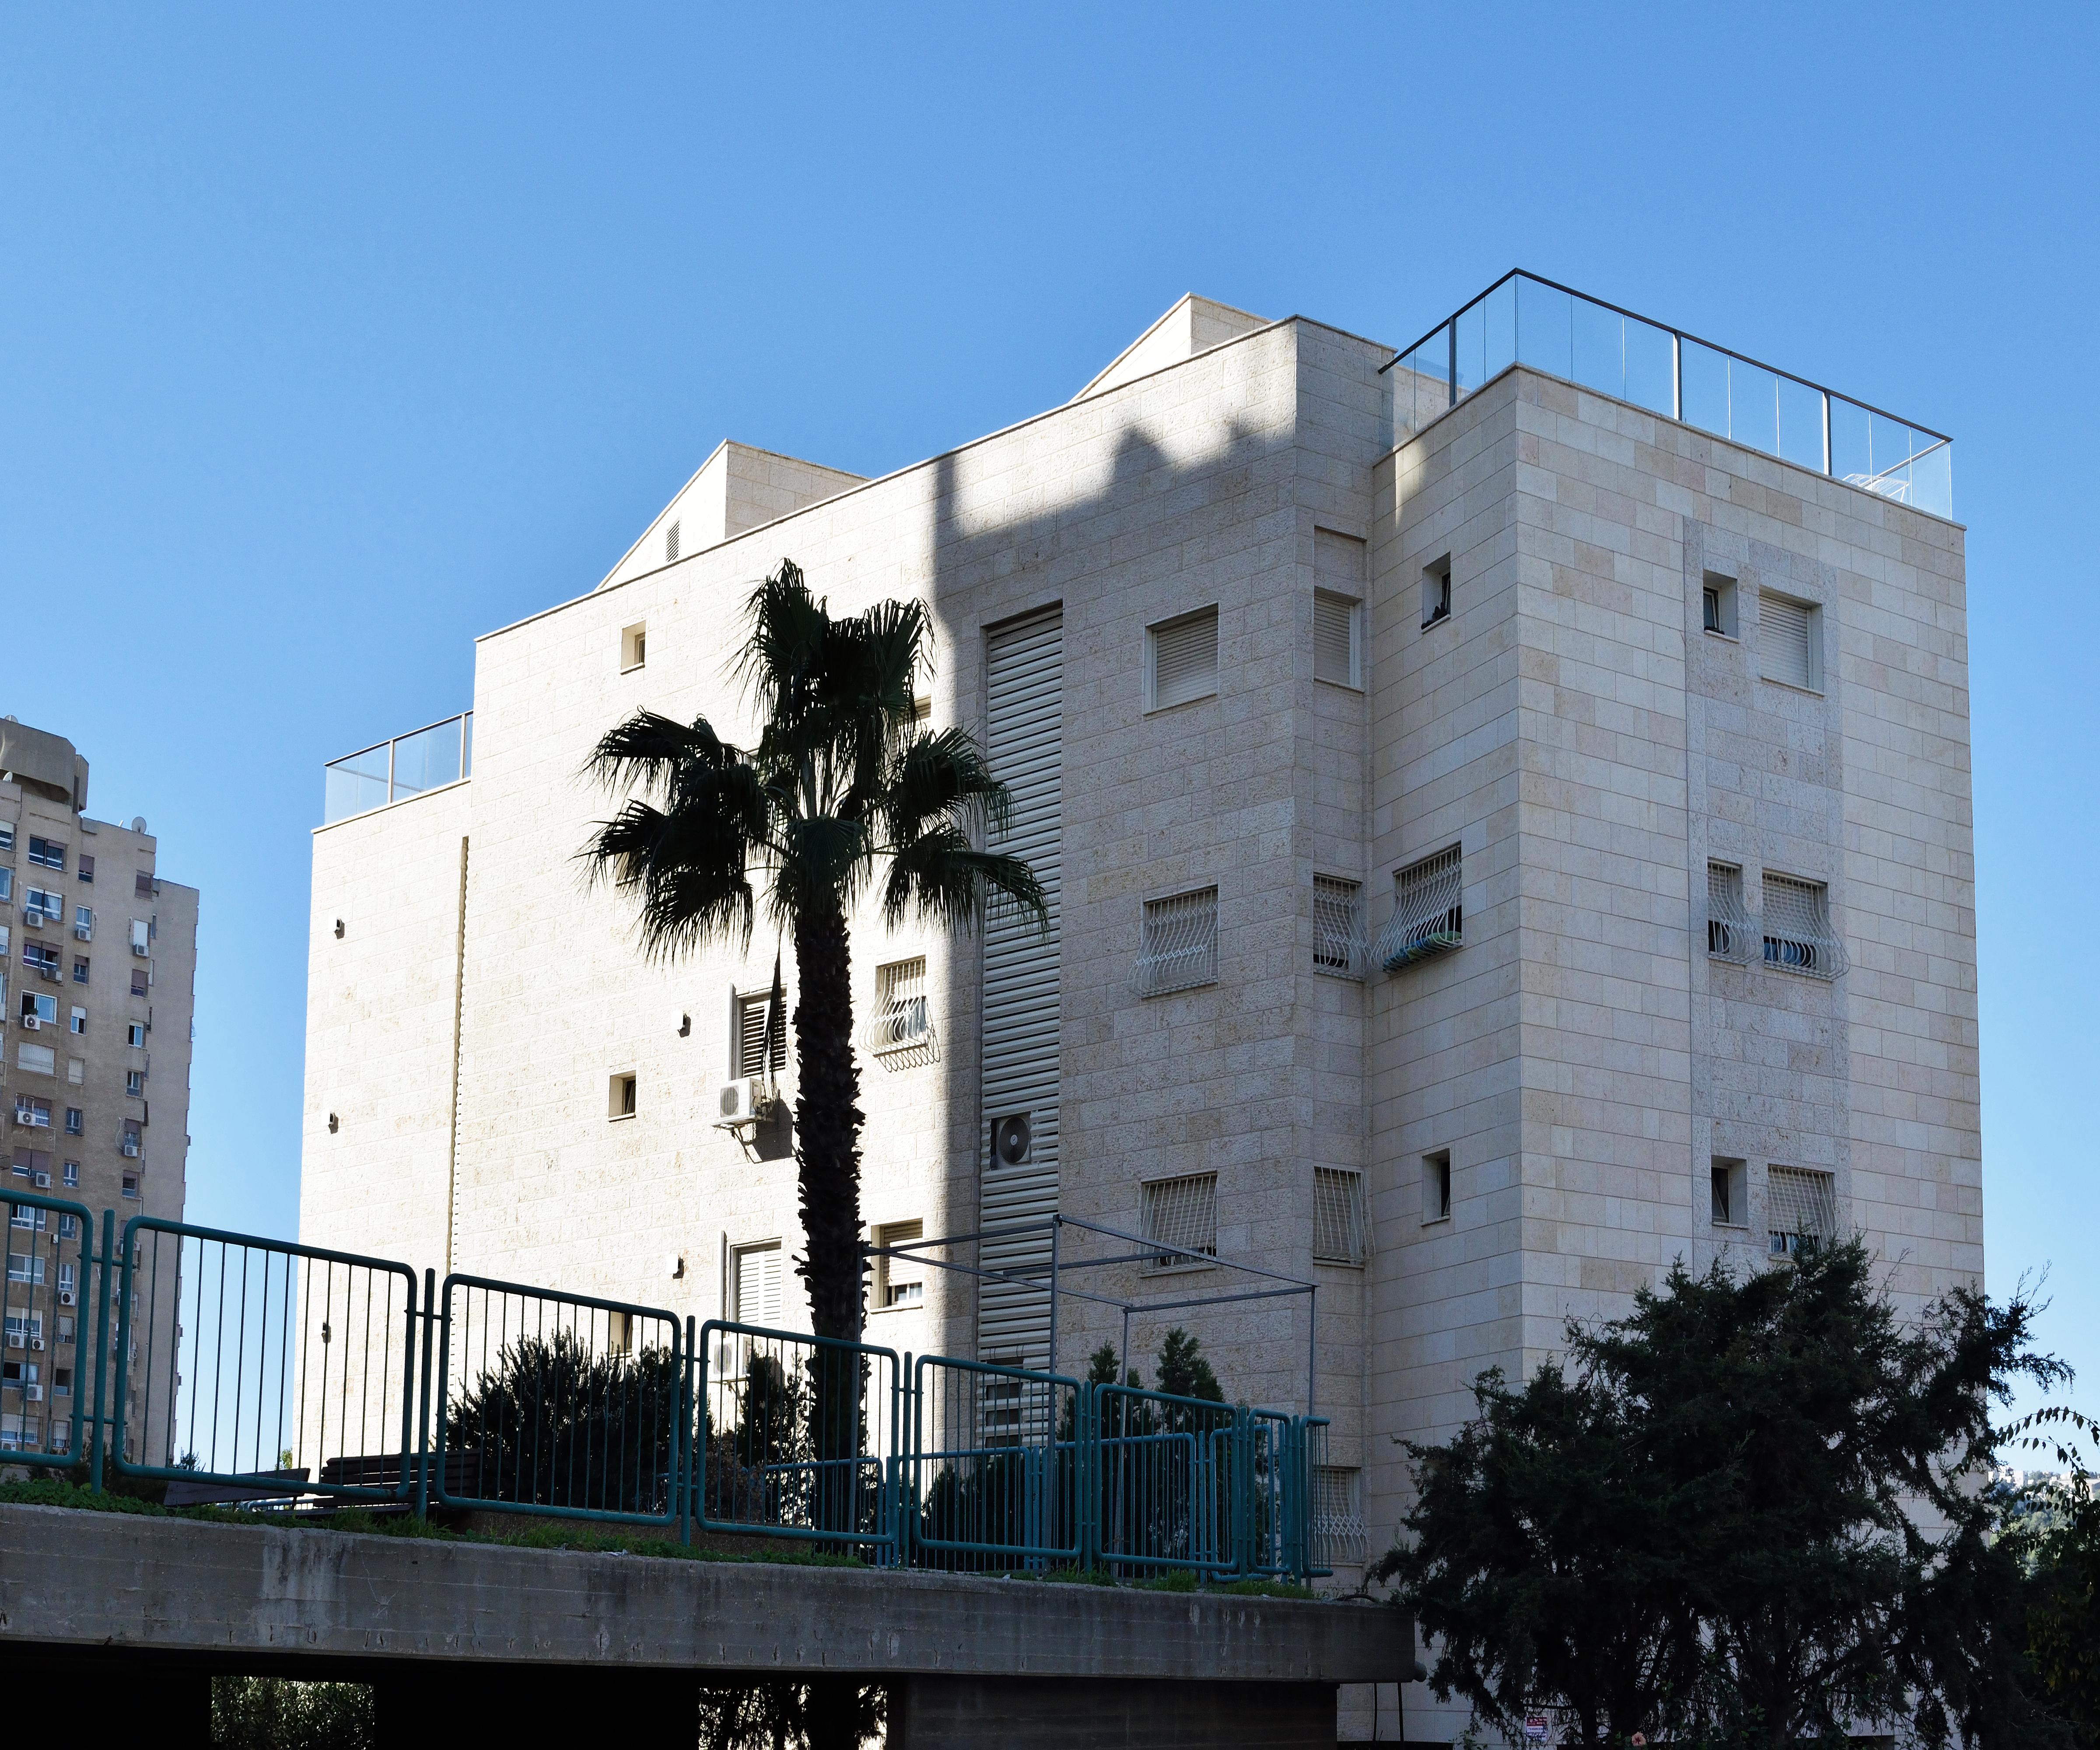 פרויקט טבנקין 19  חיפה   קבוצת אבי ר